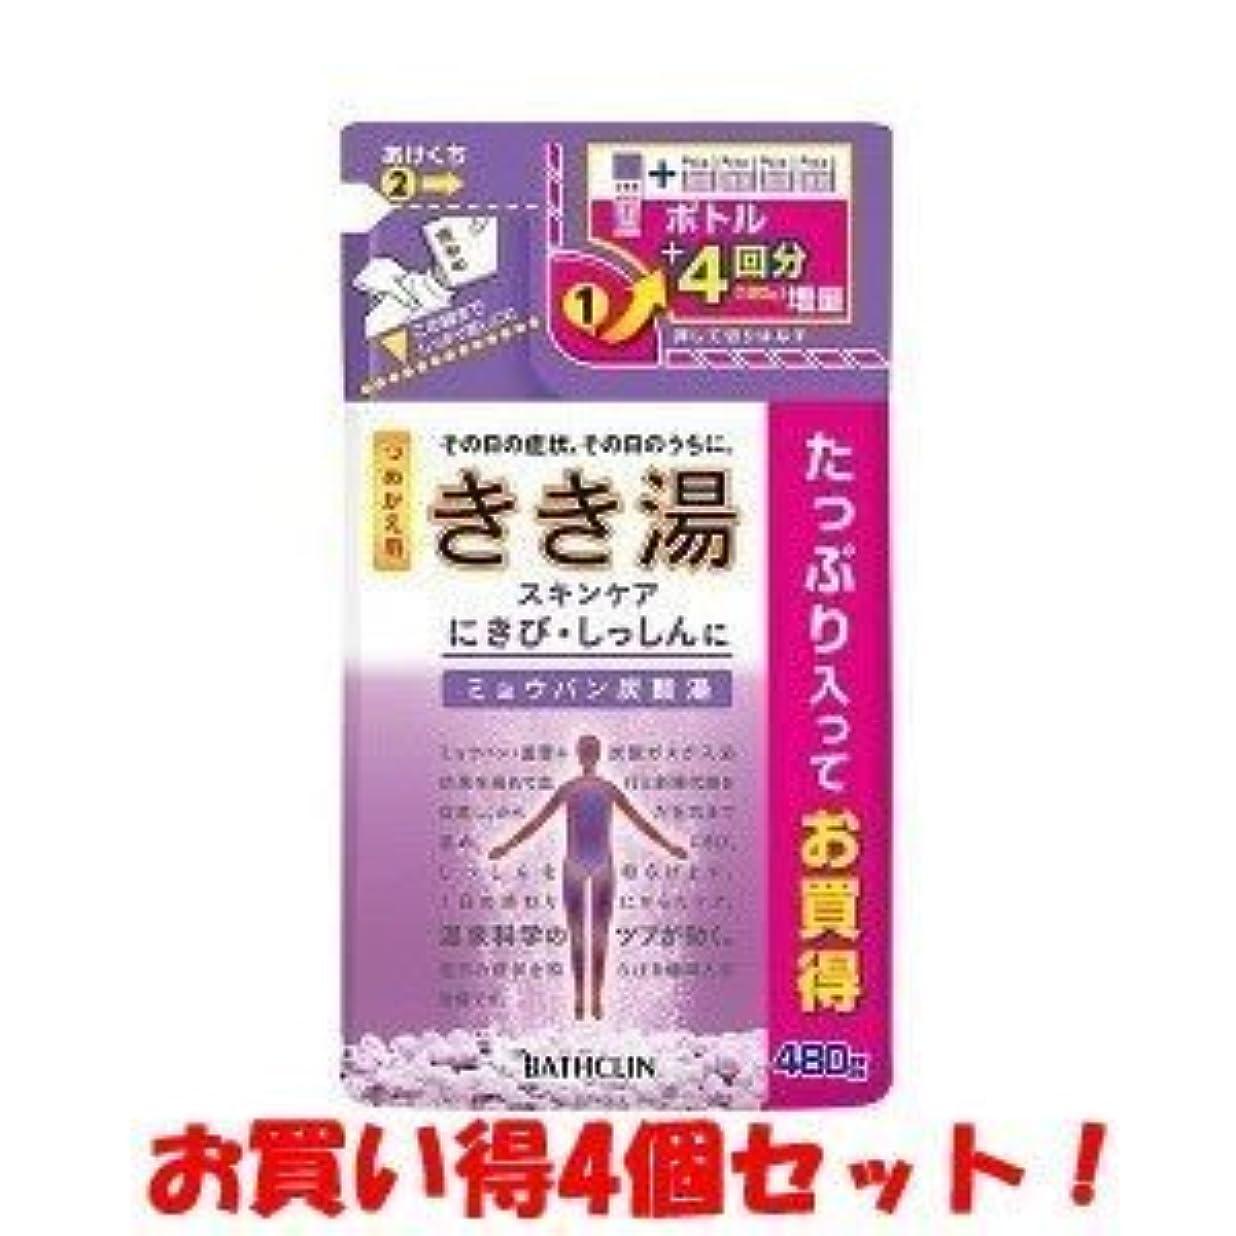 フライト無意識カテゴリー(バスクリン)きき湯 ミョウバン炭酸湯 つめかえ用 480g(医薬部外品)(お買い得4個セット)